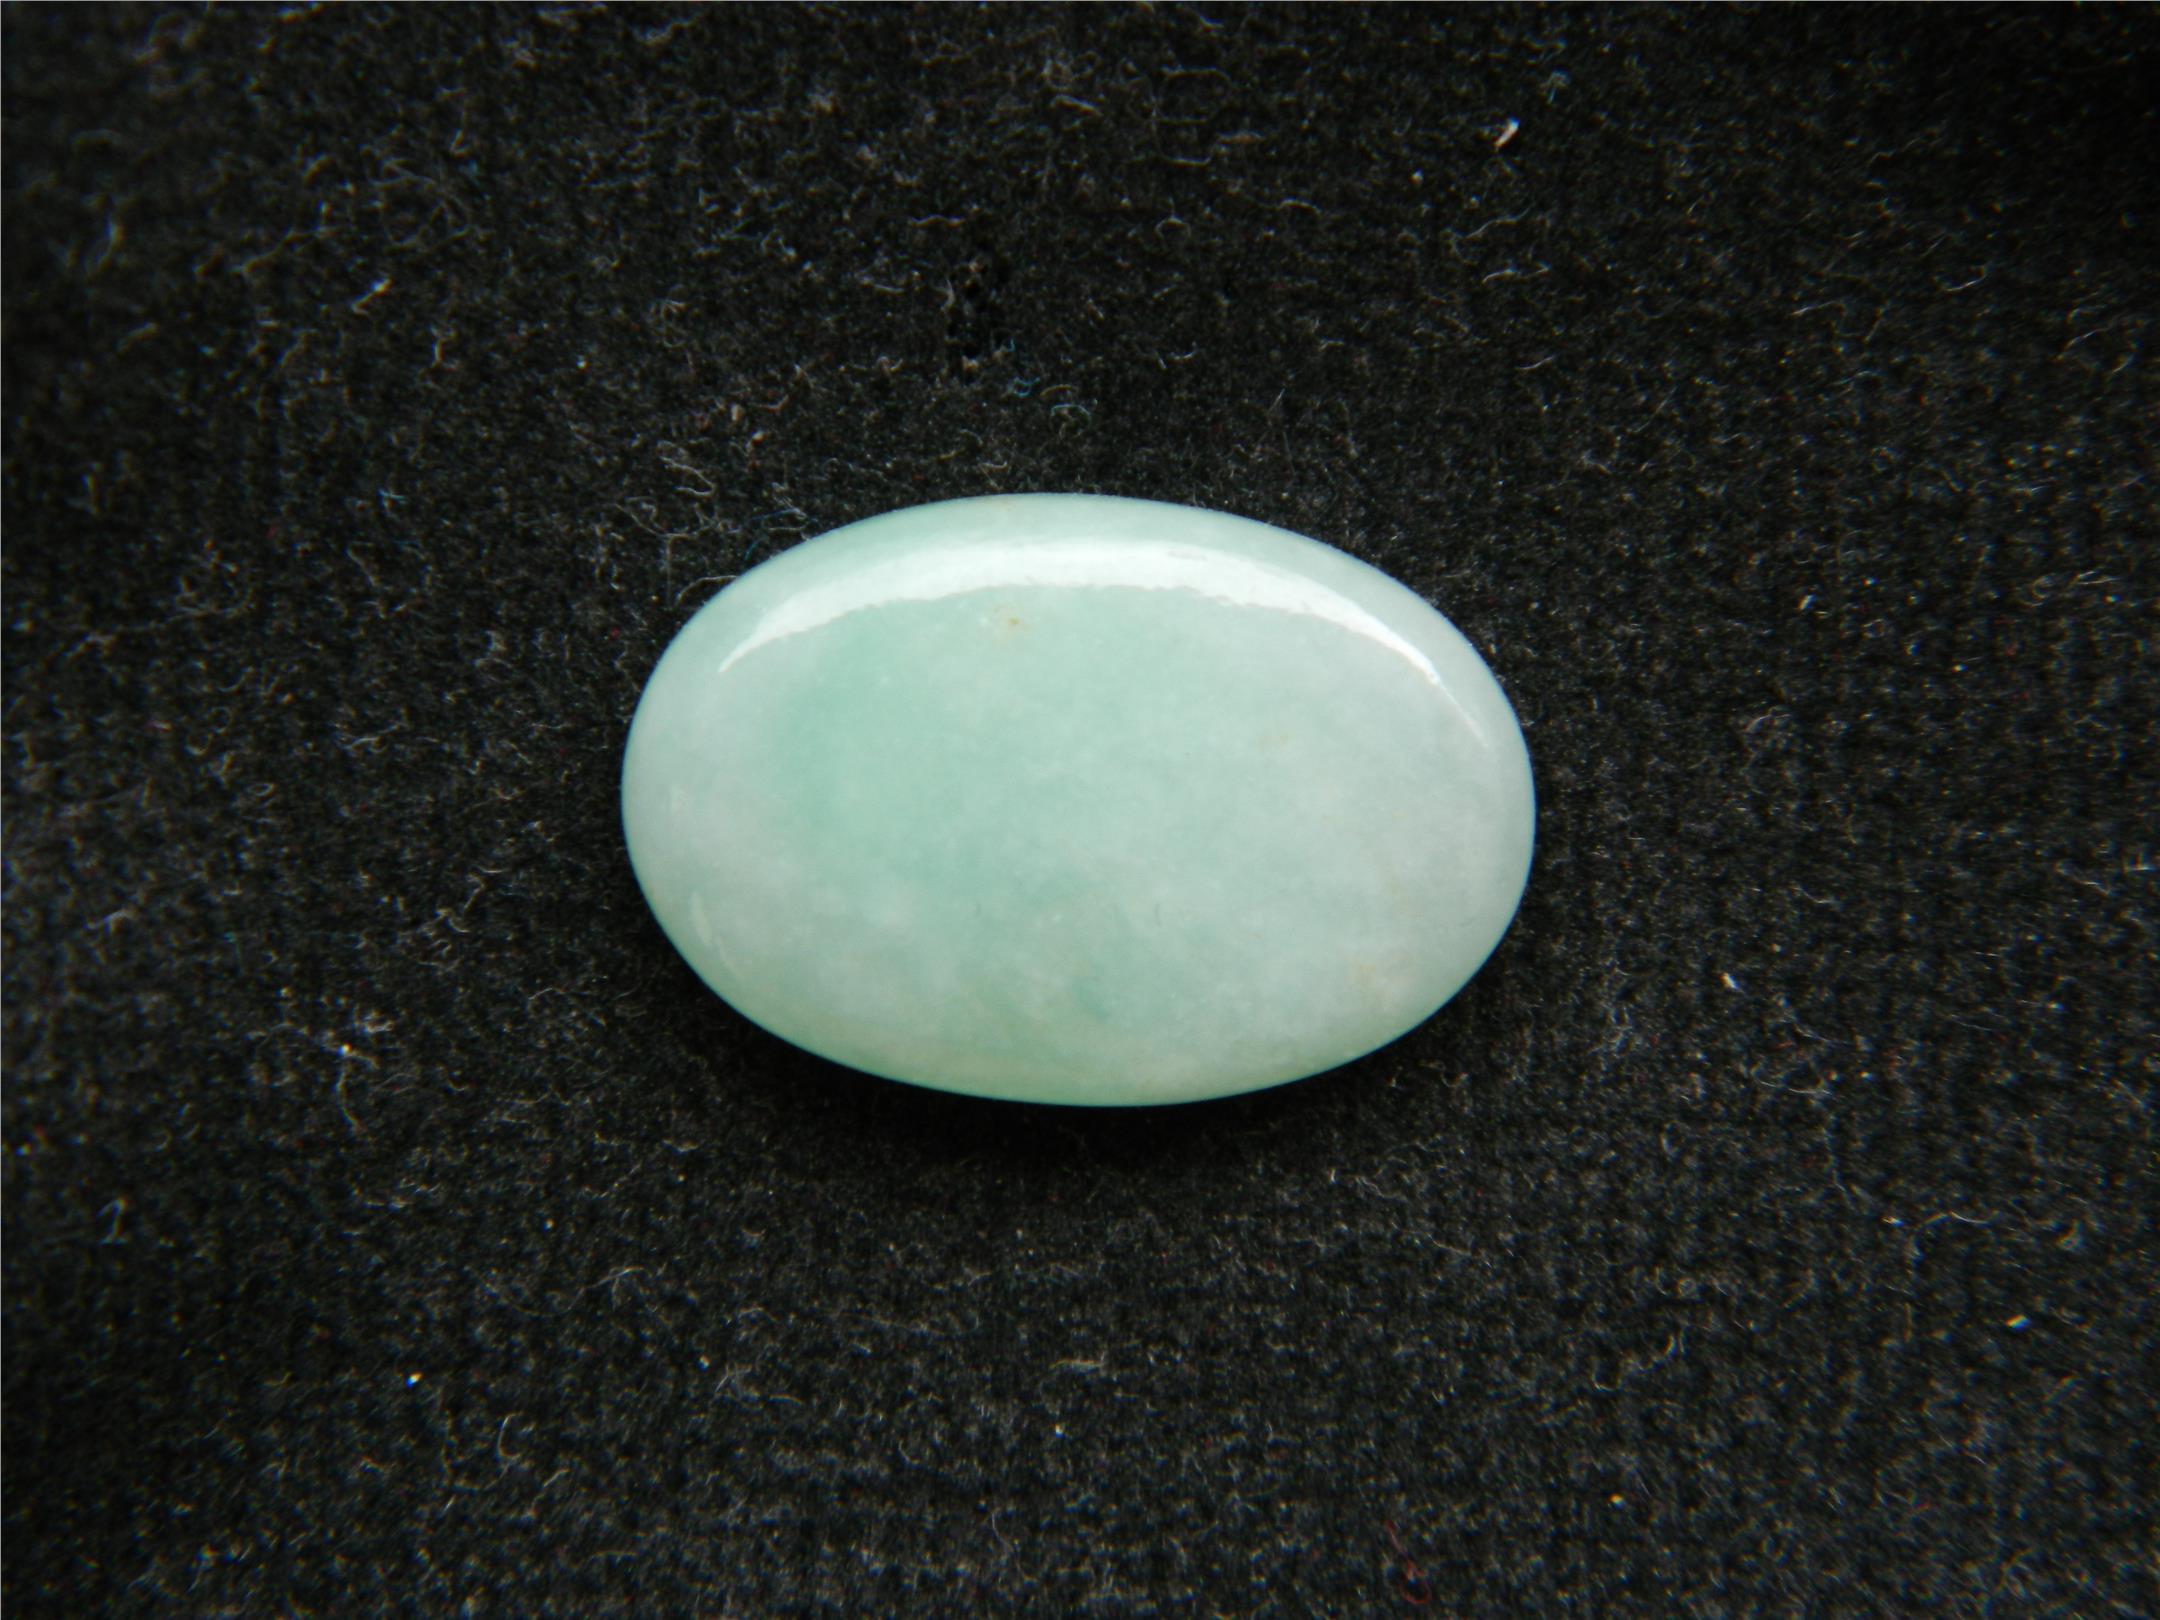 Superb class A jadeite jade light green cabochon - 8.35CT - BL46